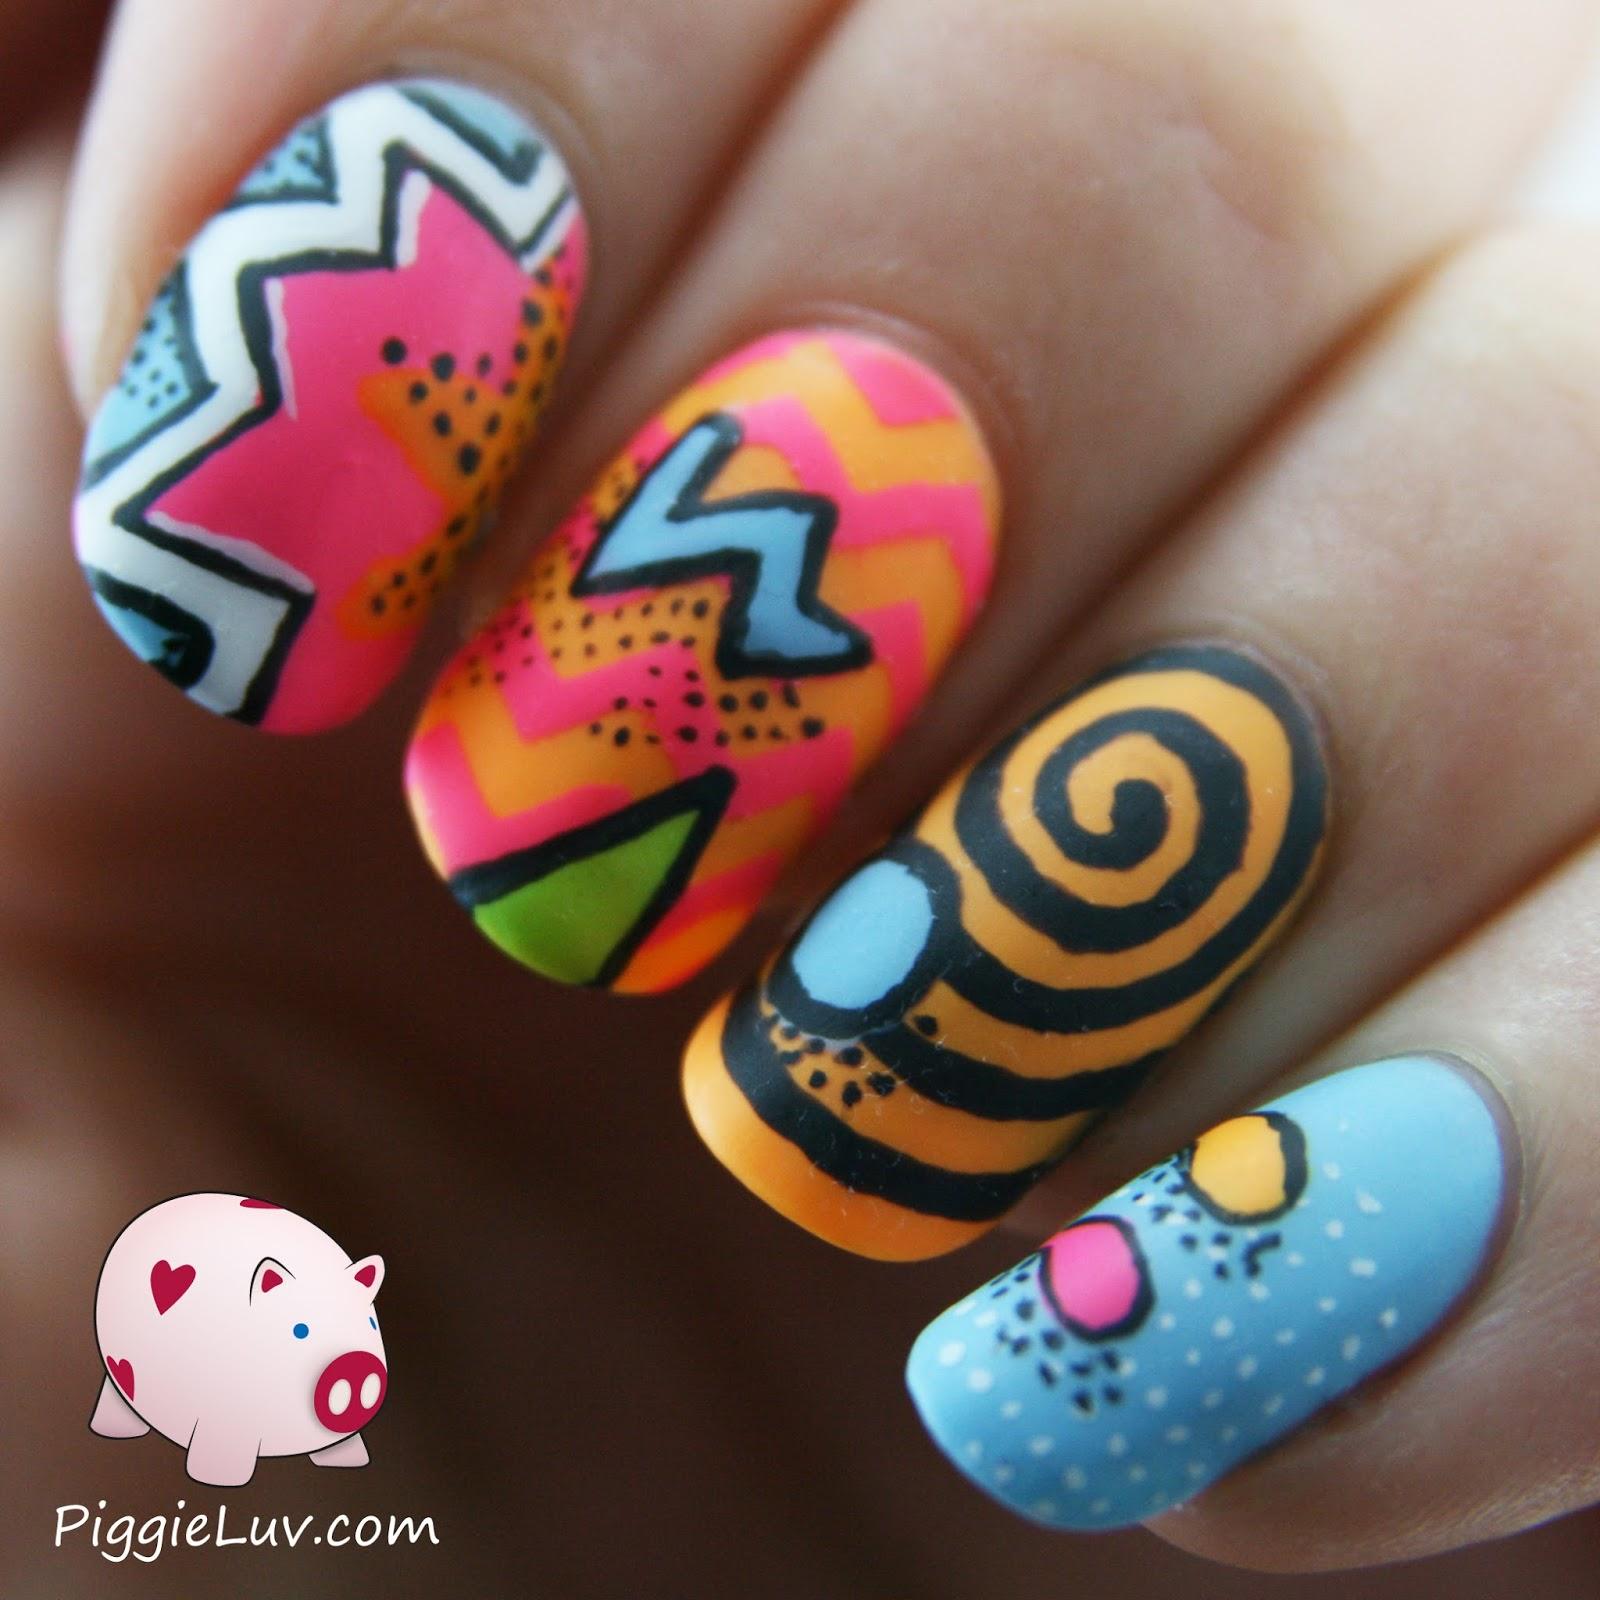 acrylic nails 80s photo - 1